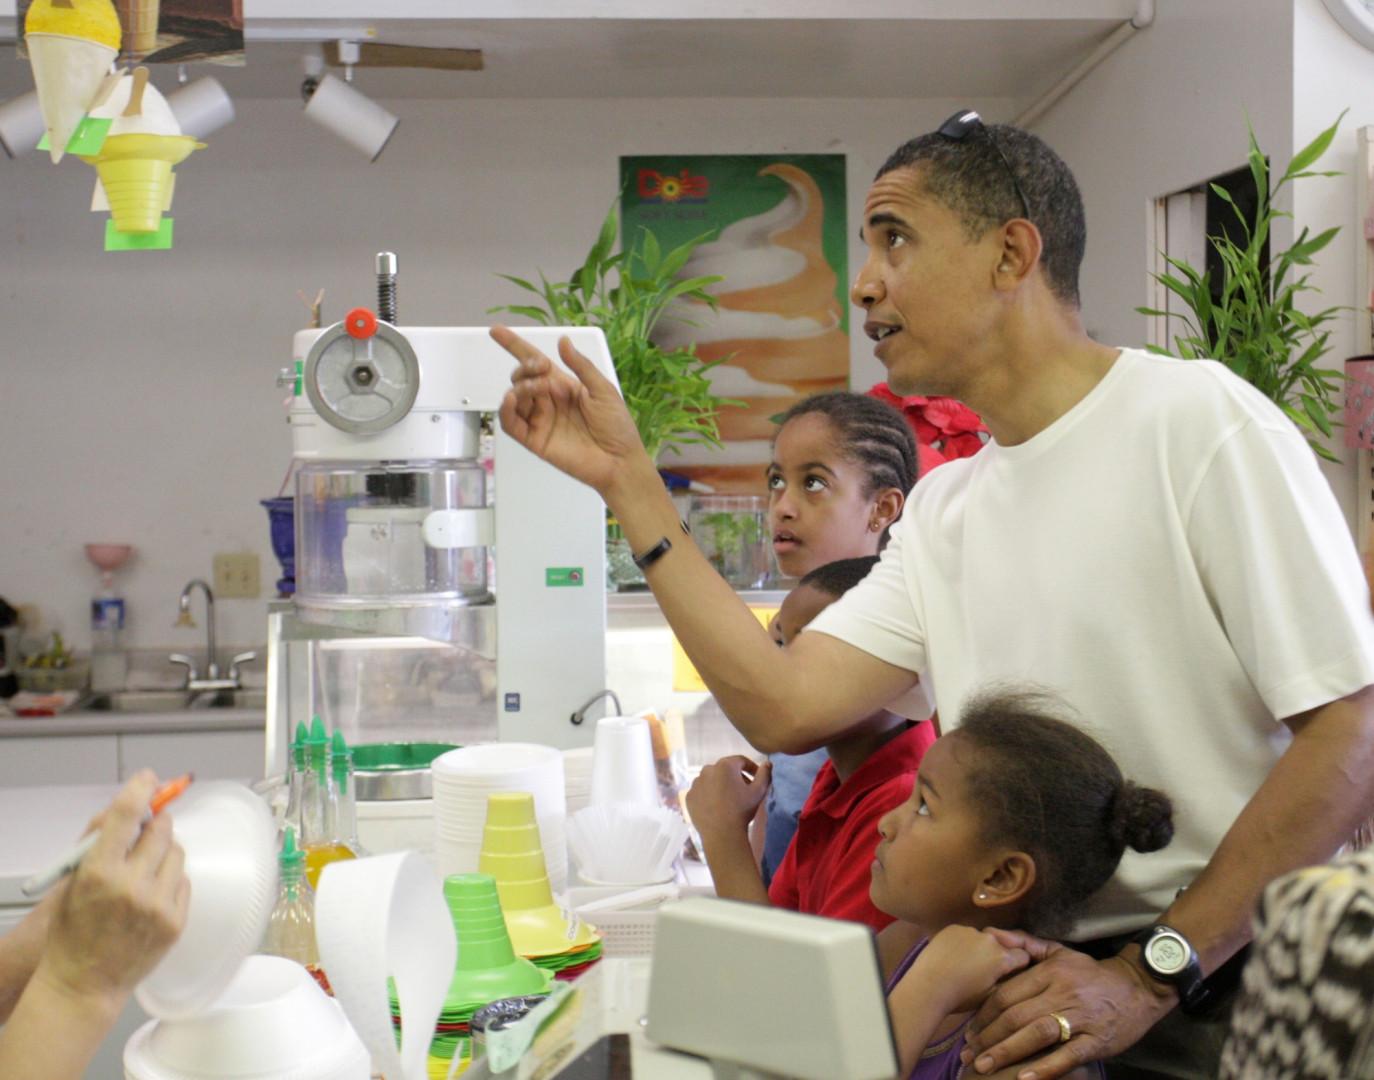 Les vacances de Noël à Hawaii, l'État d'origine de Barack Obama, sont une excellente occasion pour déguster des glaces à la noix de coco.